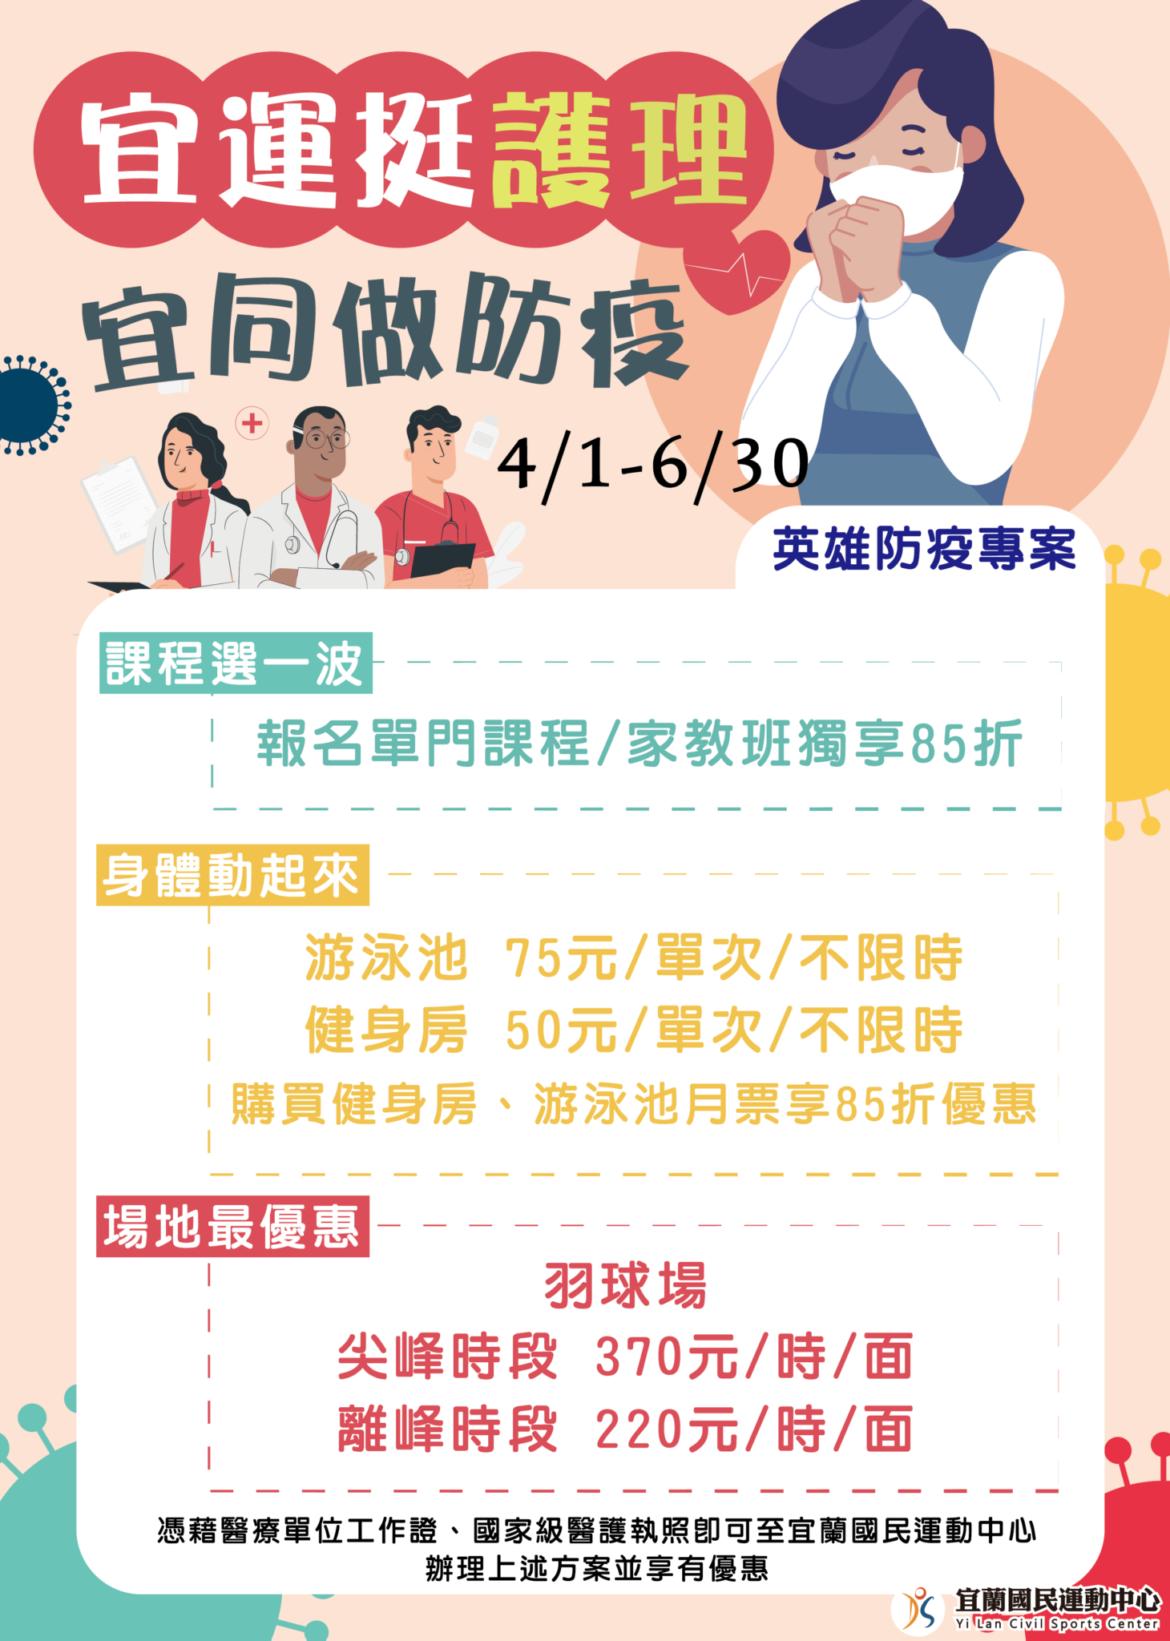 【宜運挺護理—英雄防疫專案】